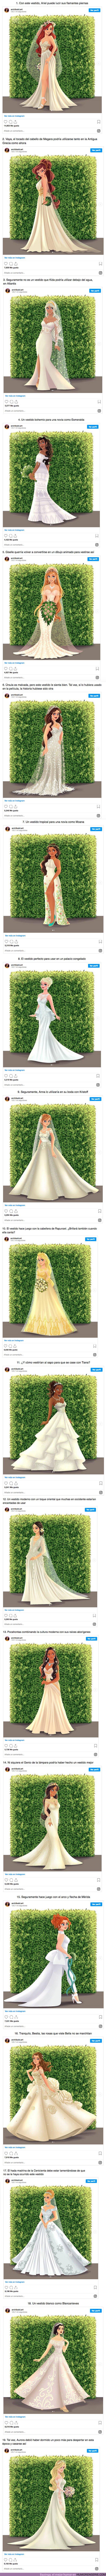 54807 - GALERÍA: Así se verían las princesas de Disney si se casaran en la actualidad. Por Greco Archibald